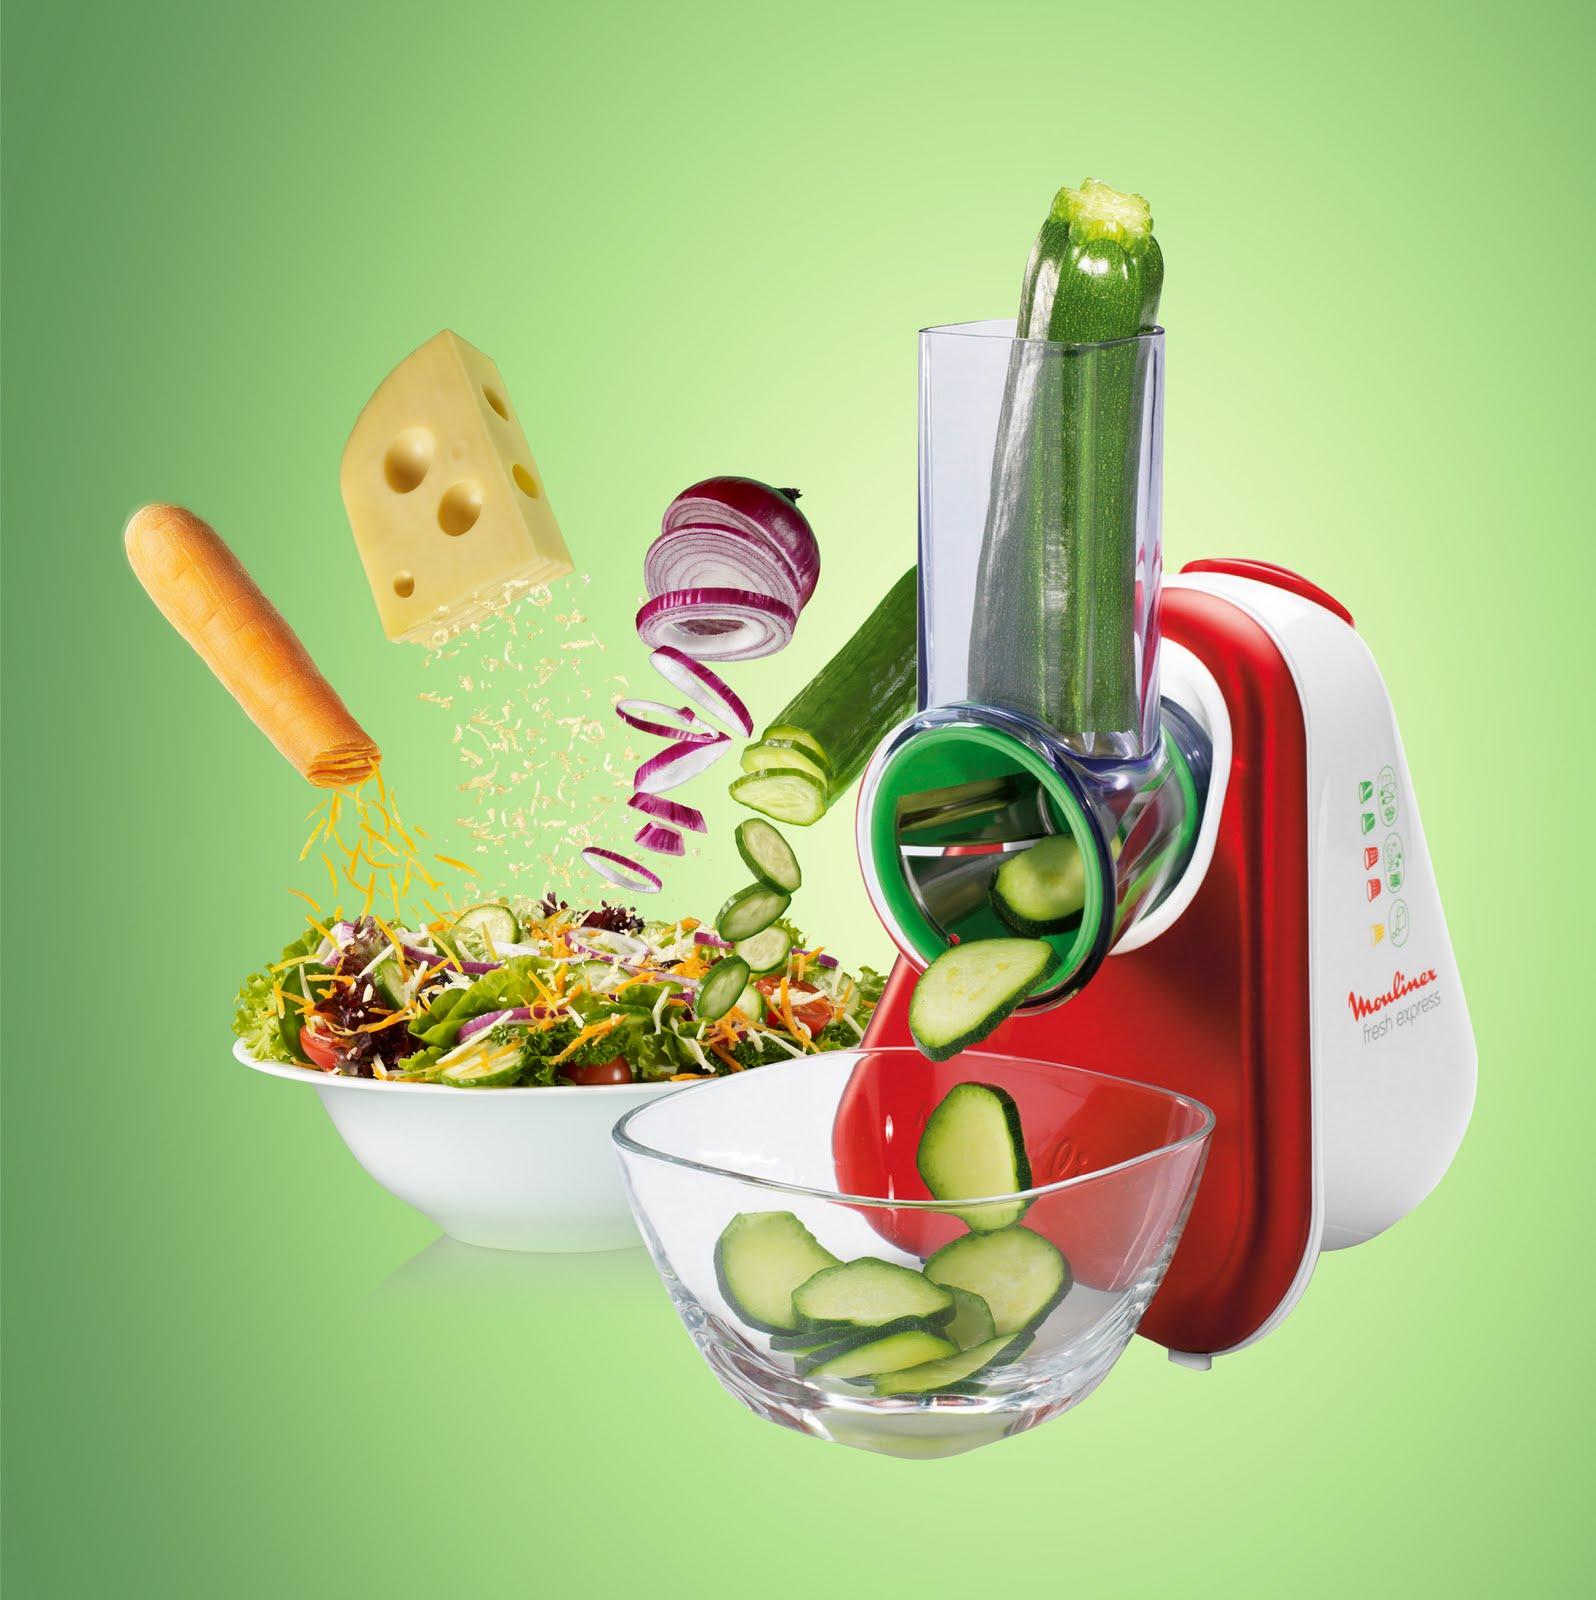 Sihirli mutfa m mutfaktak yardimcimiz moulinex fresh express - Moulinex fresh express nectar ...